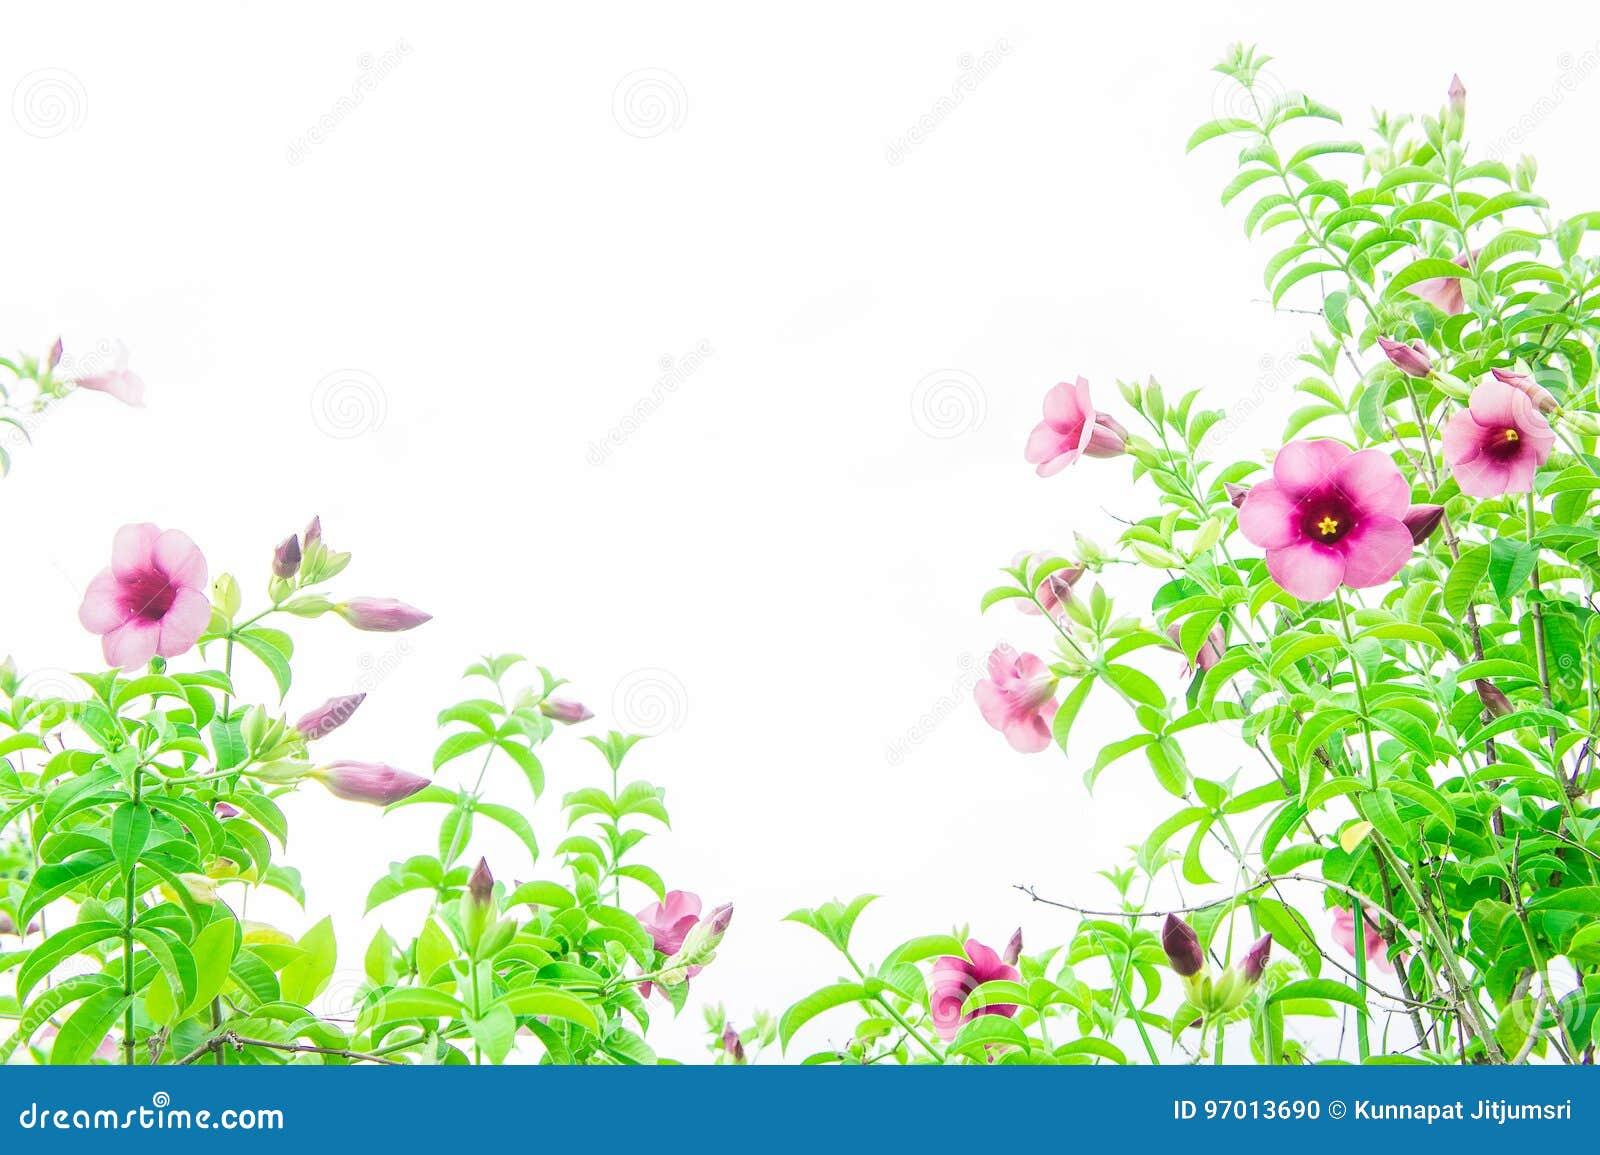 Purple Bignonia Flowers Pink Flowers Floral Growing Vintage An